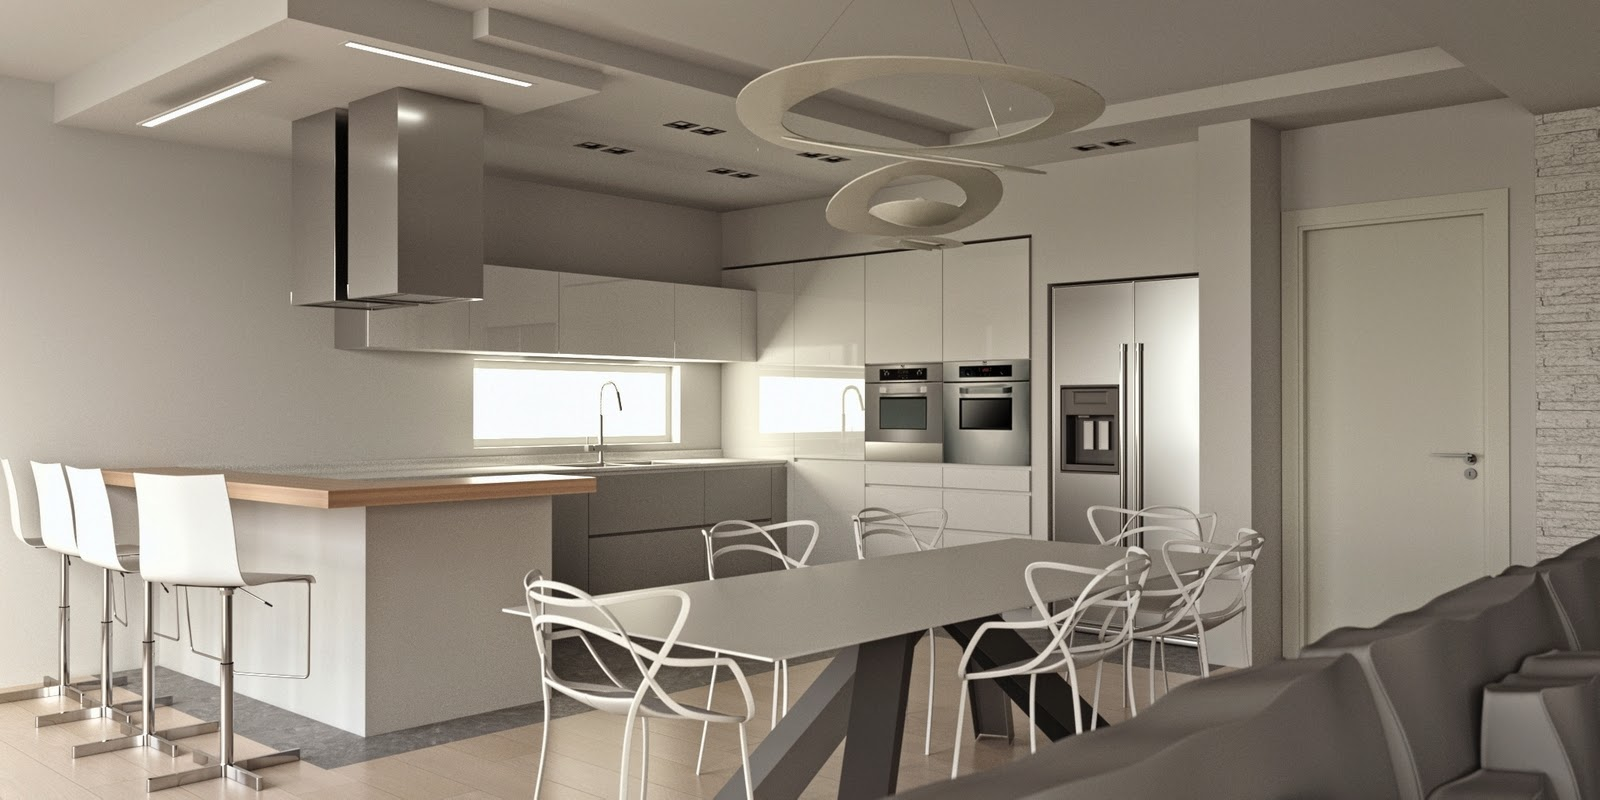 Progetti cucine moderne arredamento cucine e soggiorno - Progetti cucine moderne ...